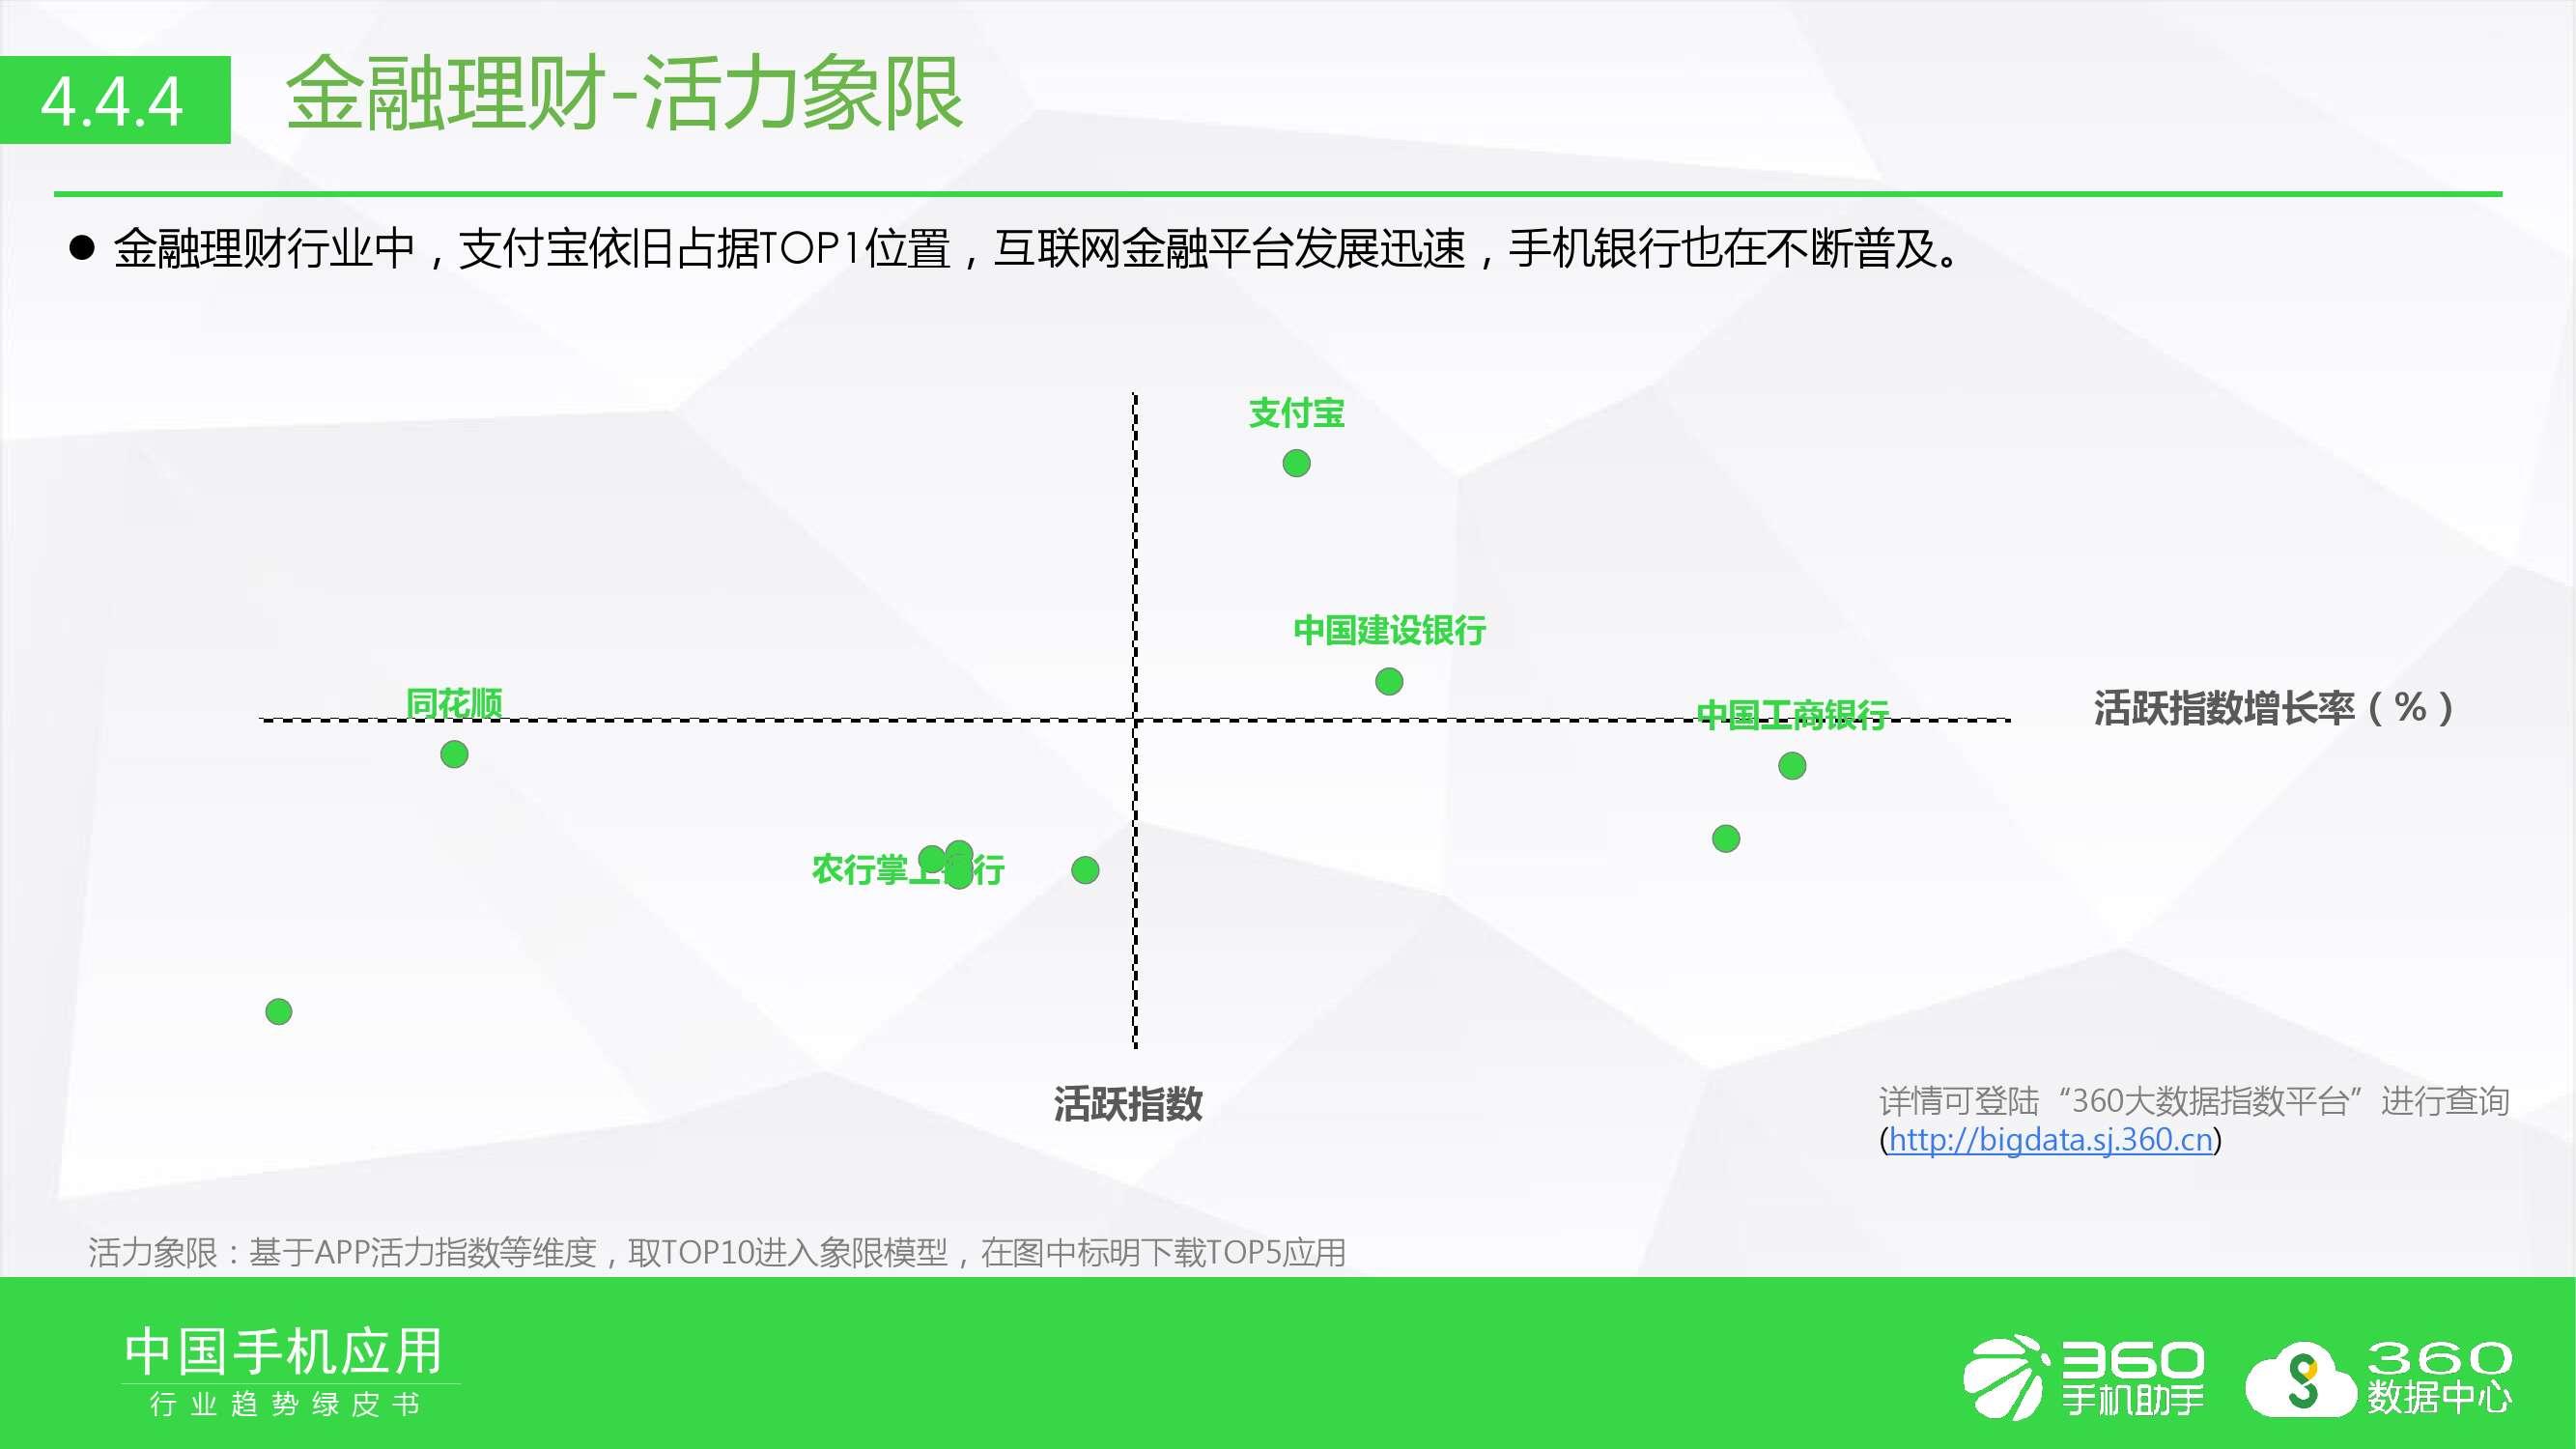 2016年手机软件行业趋势绿皮书_000054